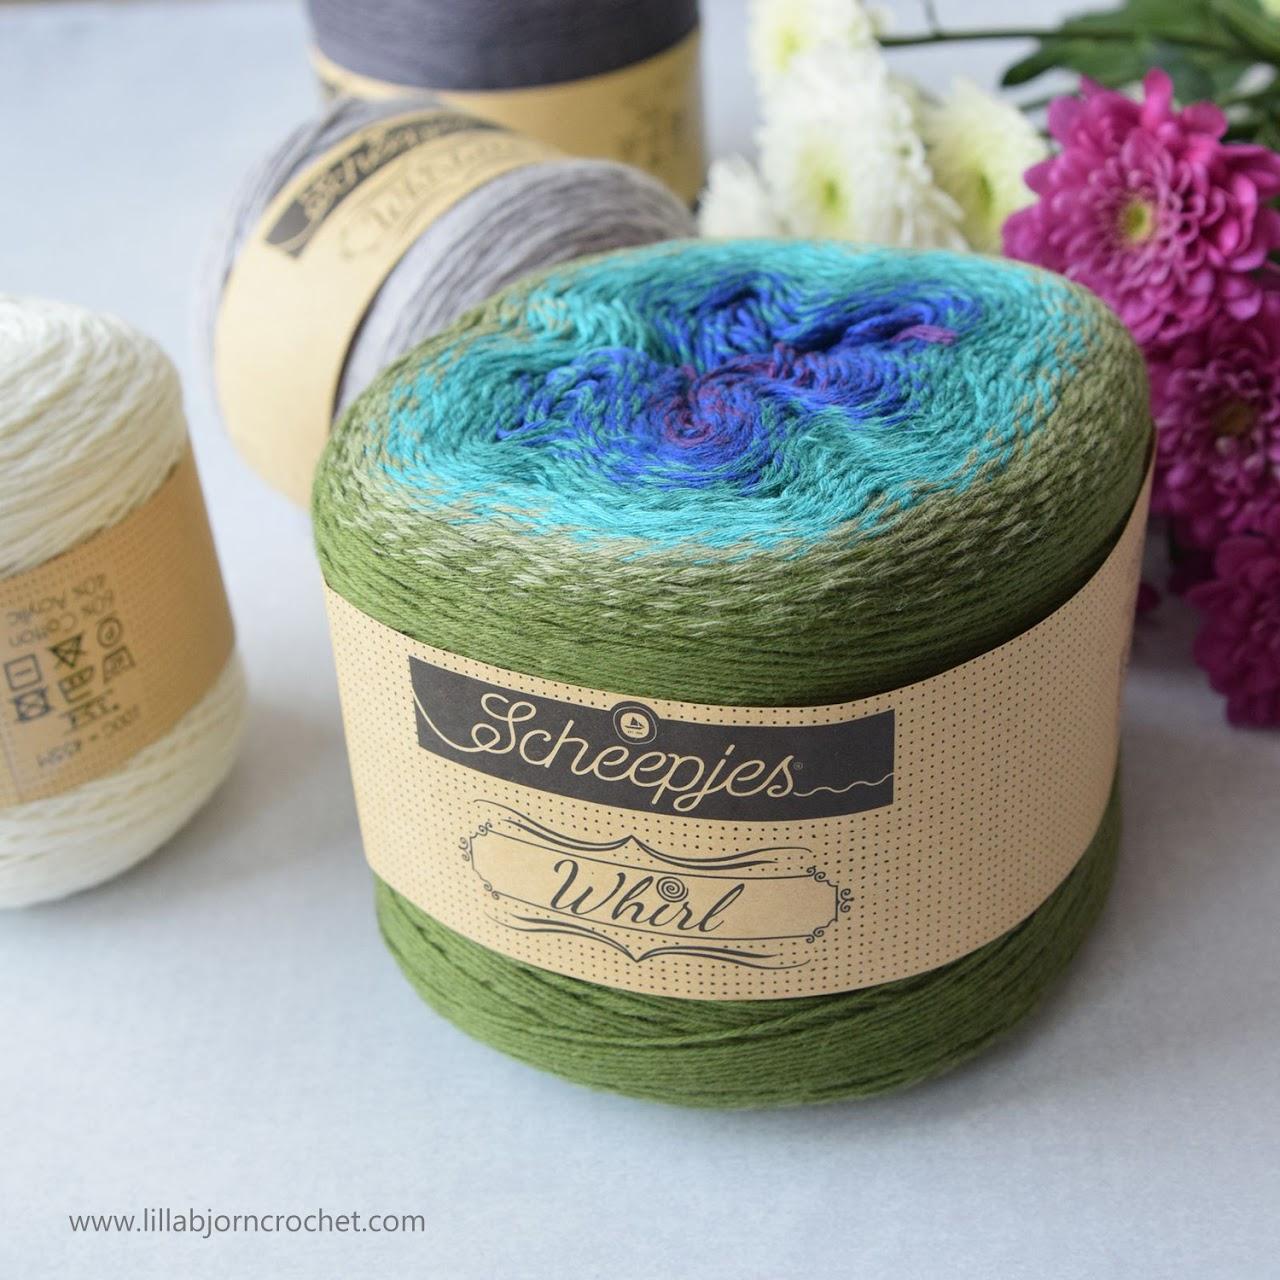 Whirl yarn by Scheepjes